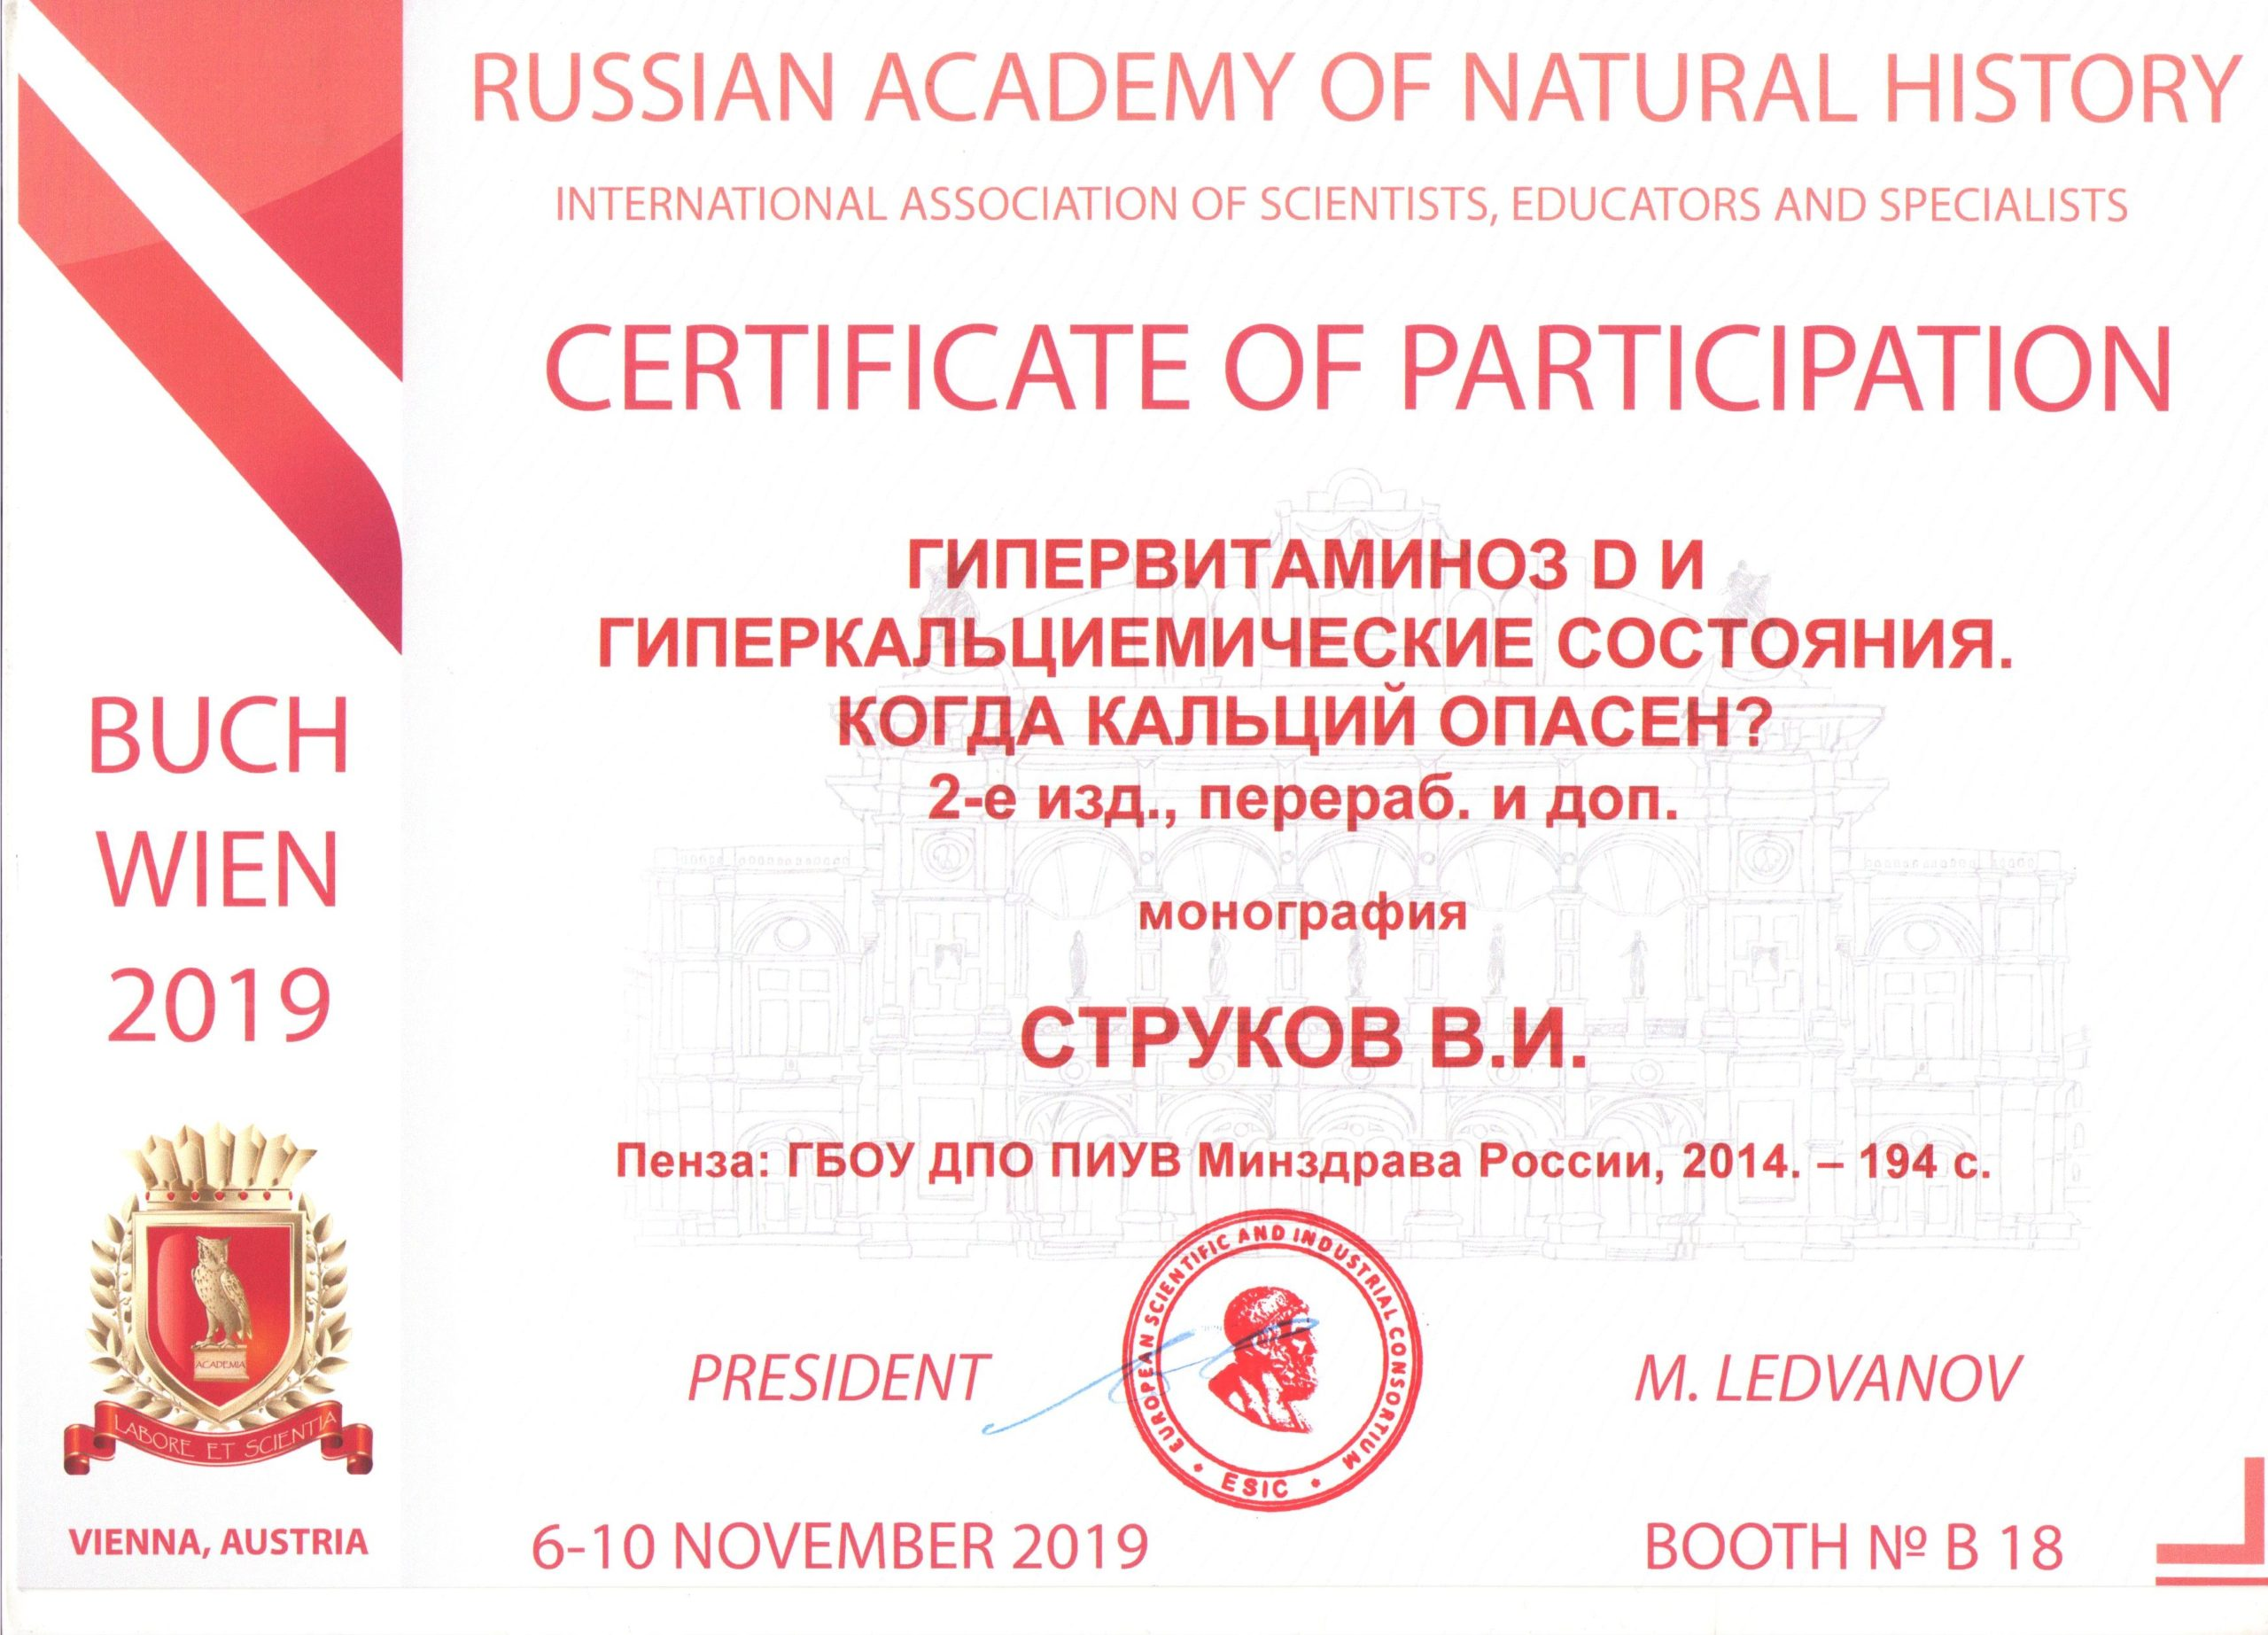 Монография профессора Струкова отмечена медалью венской книжной ярмарки